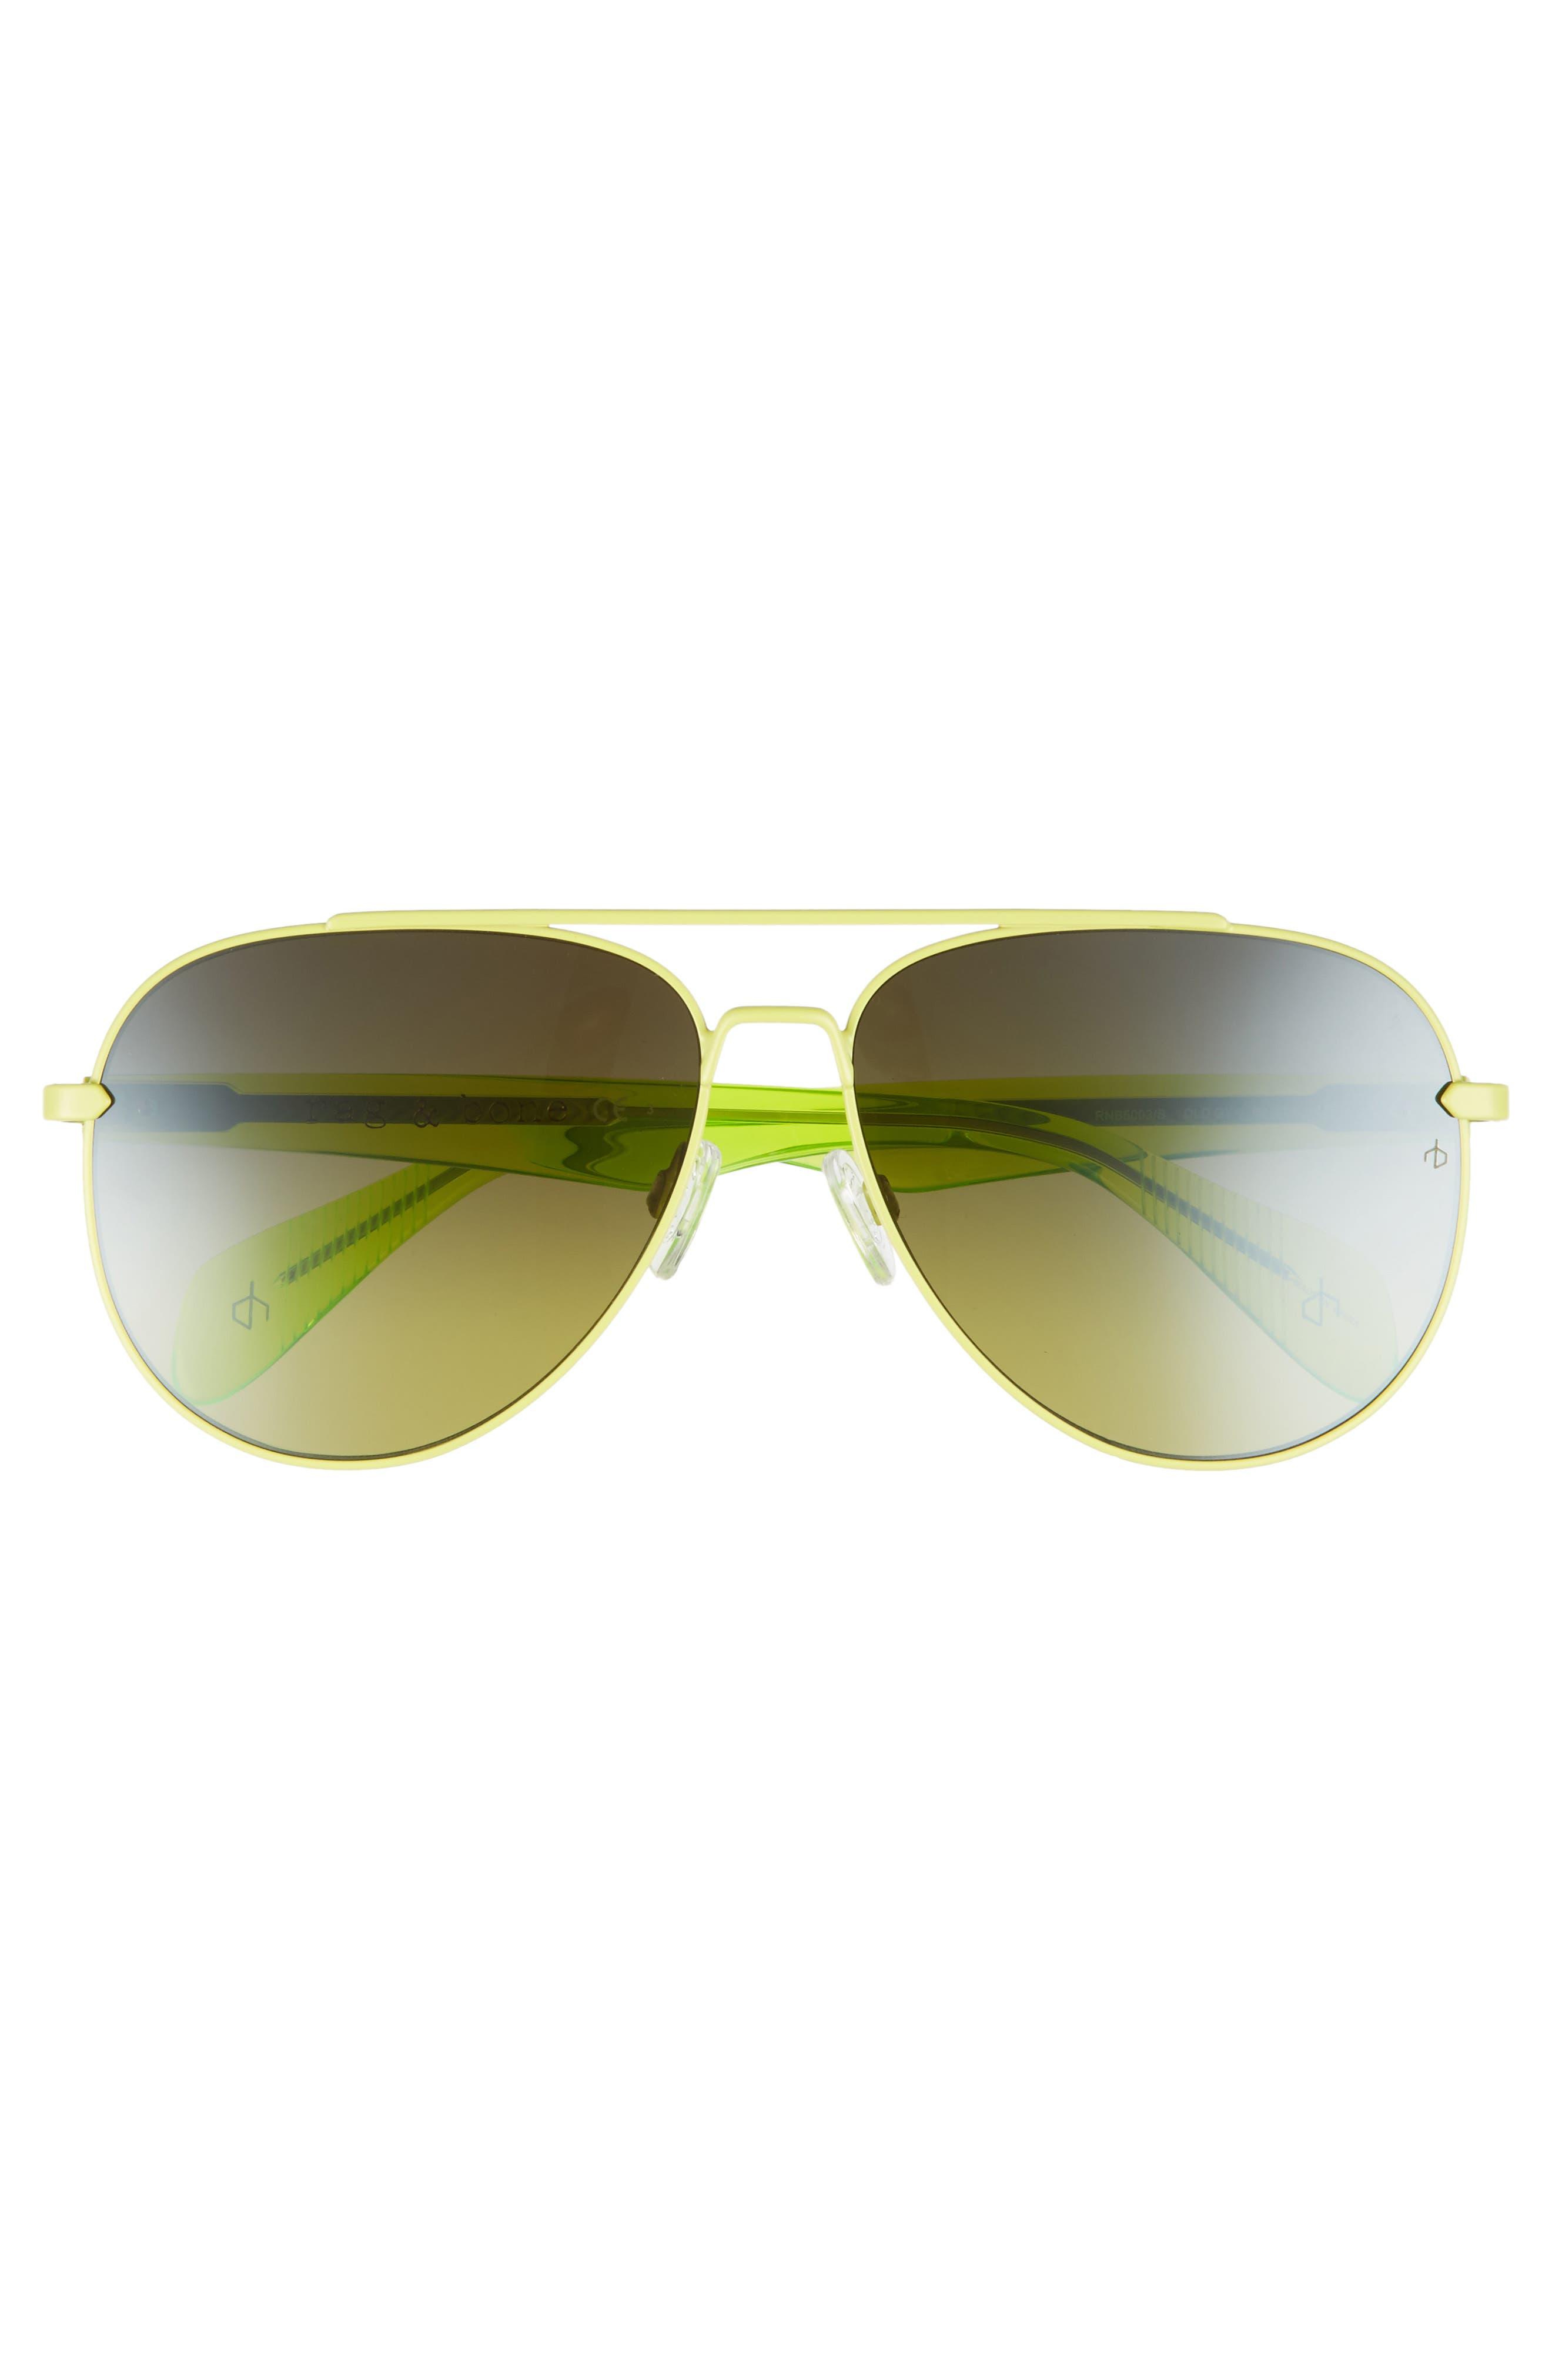 62mm Oversize Aviator Sunglasses,                             Alternate thumbnail 3, color,                             MATTE GREEN